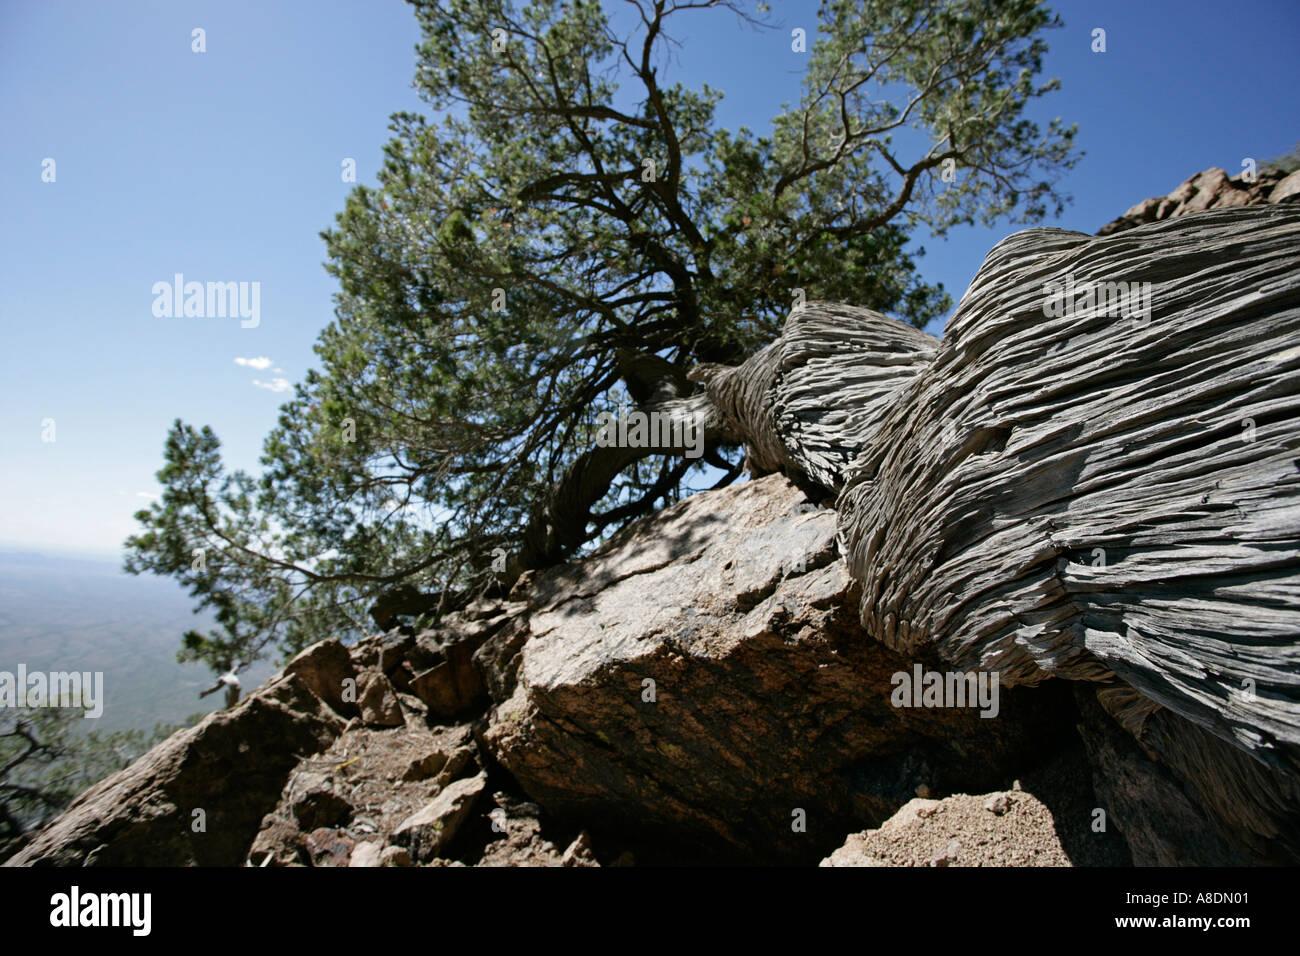 Un vecchio ritorto e weathered pino sulla cima di una montagna in Arizona Immagini Stock